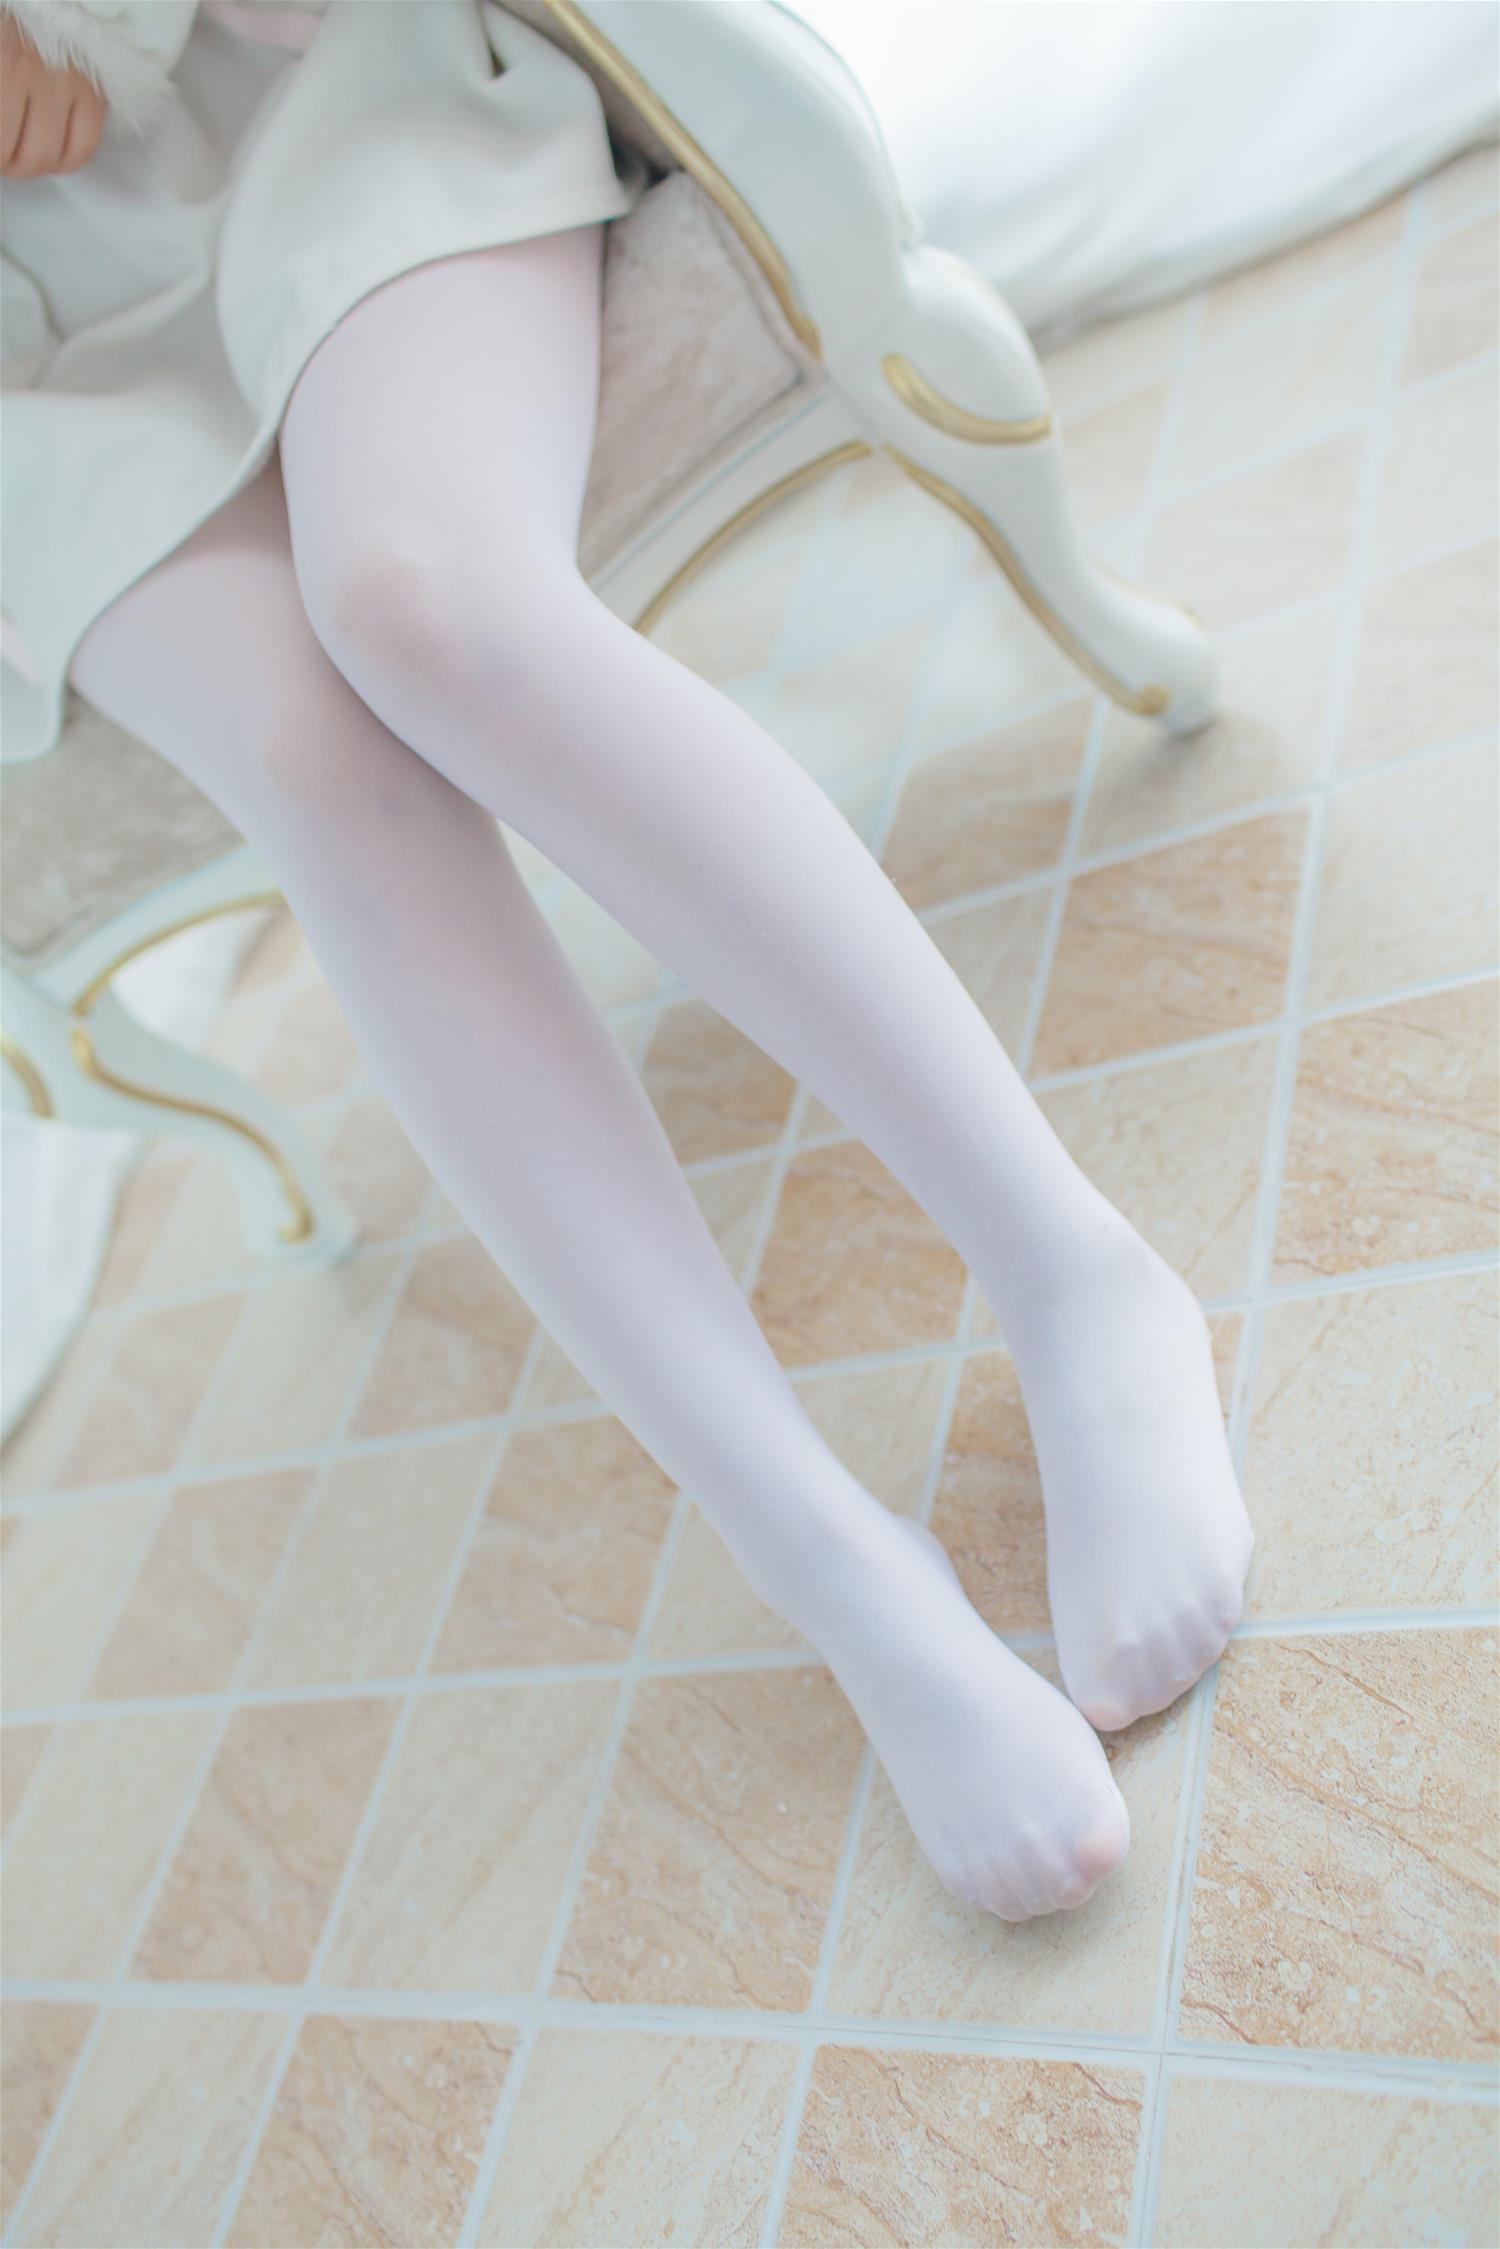 少女秩序 VOL.016 白色透着肉感 [49P-353MB] 少女秩序-第3张